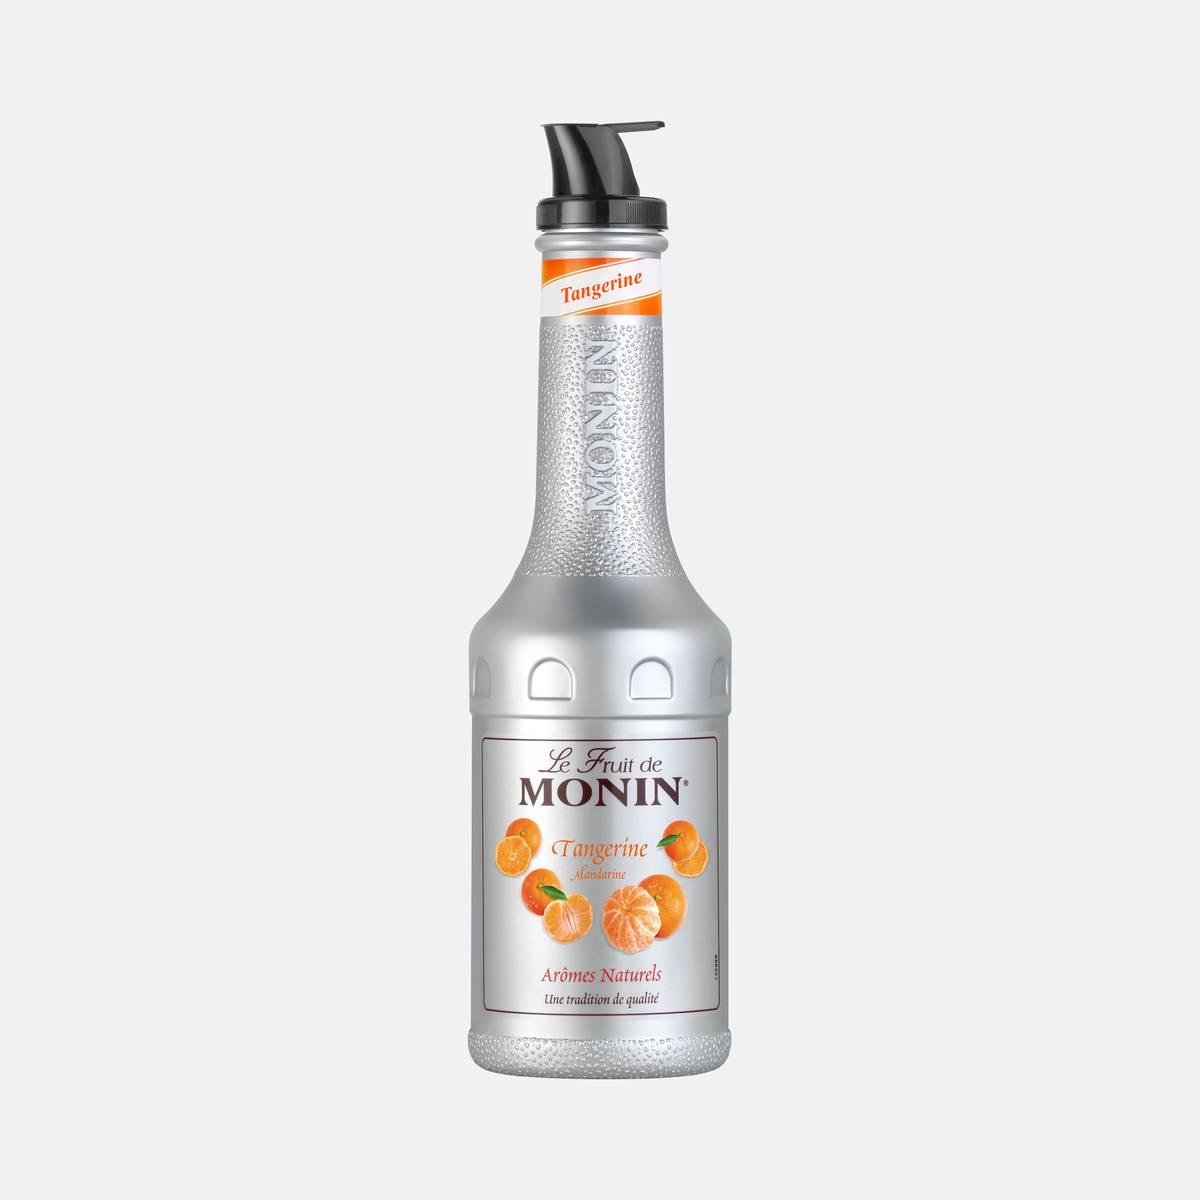 Monin Tangerine Puree 1 Liter Bottle